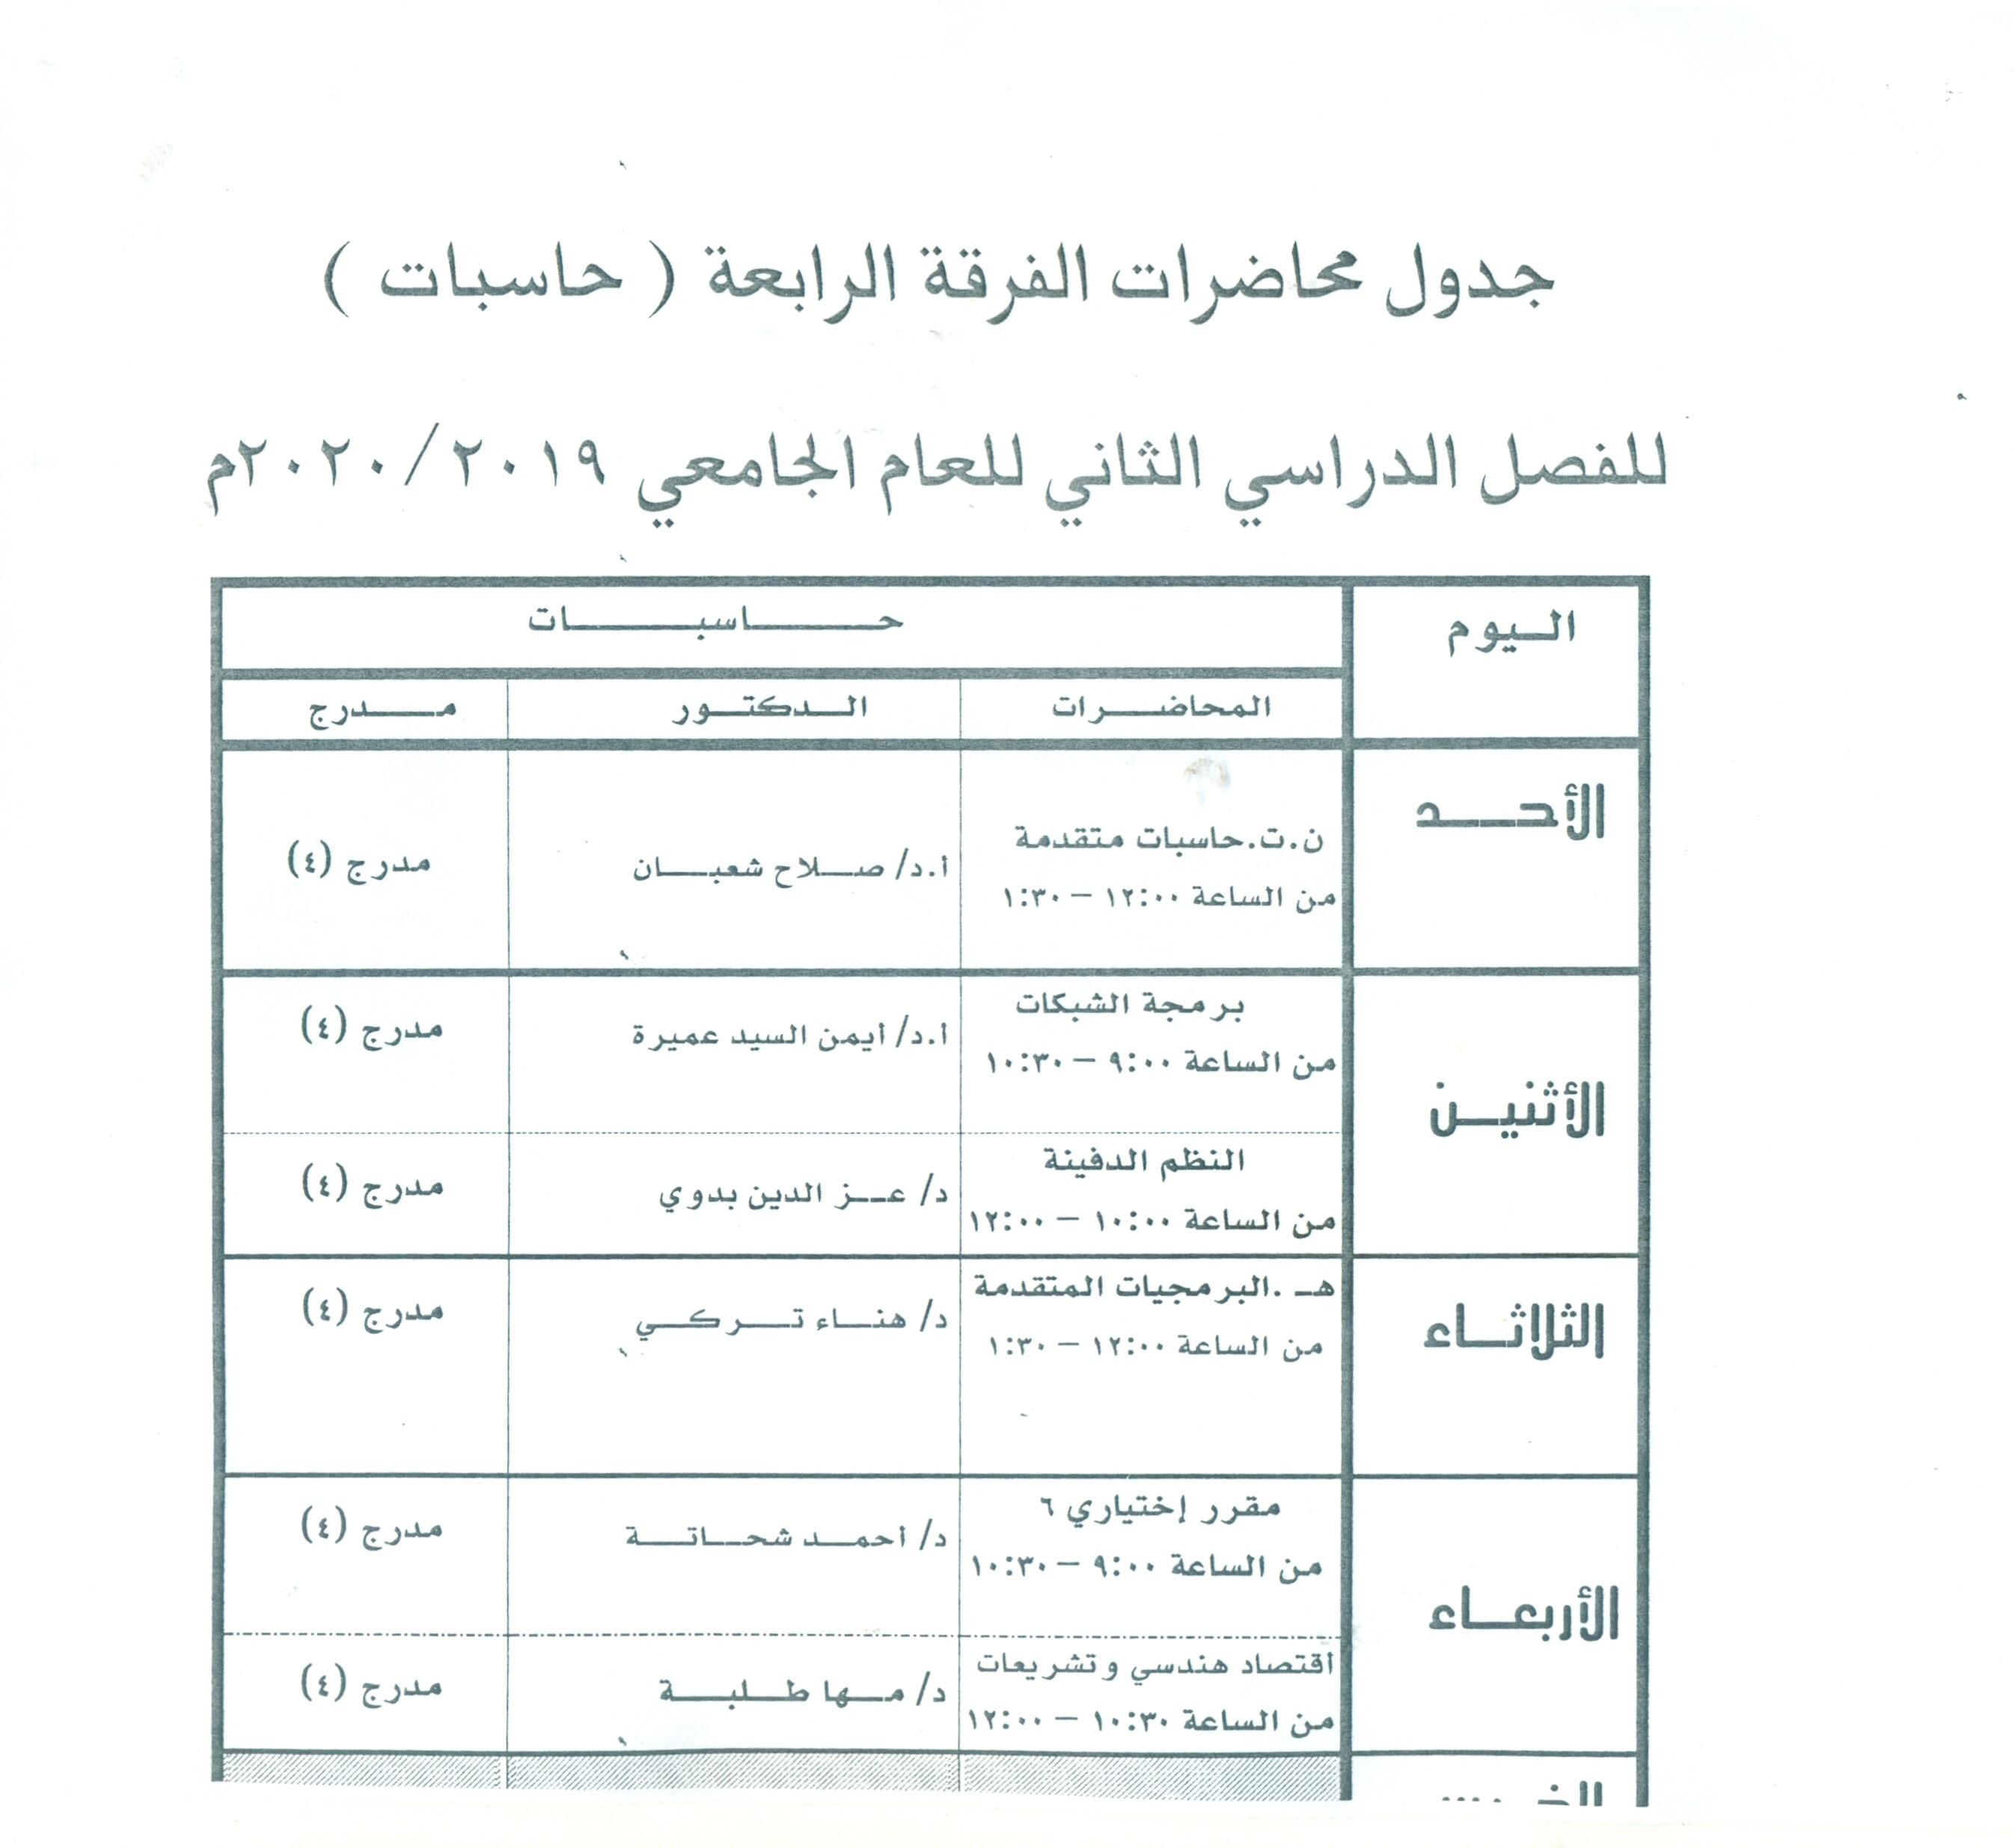 جدول محاضرات الفرقة الرابعة